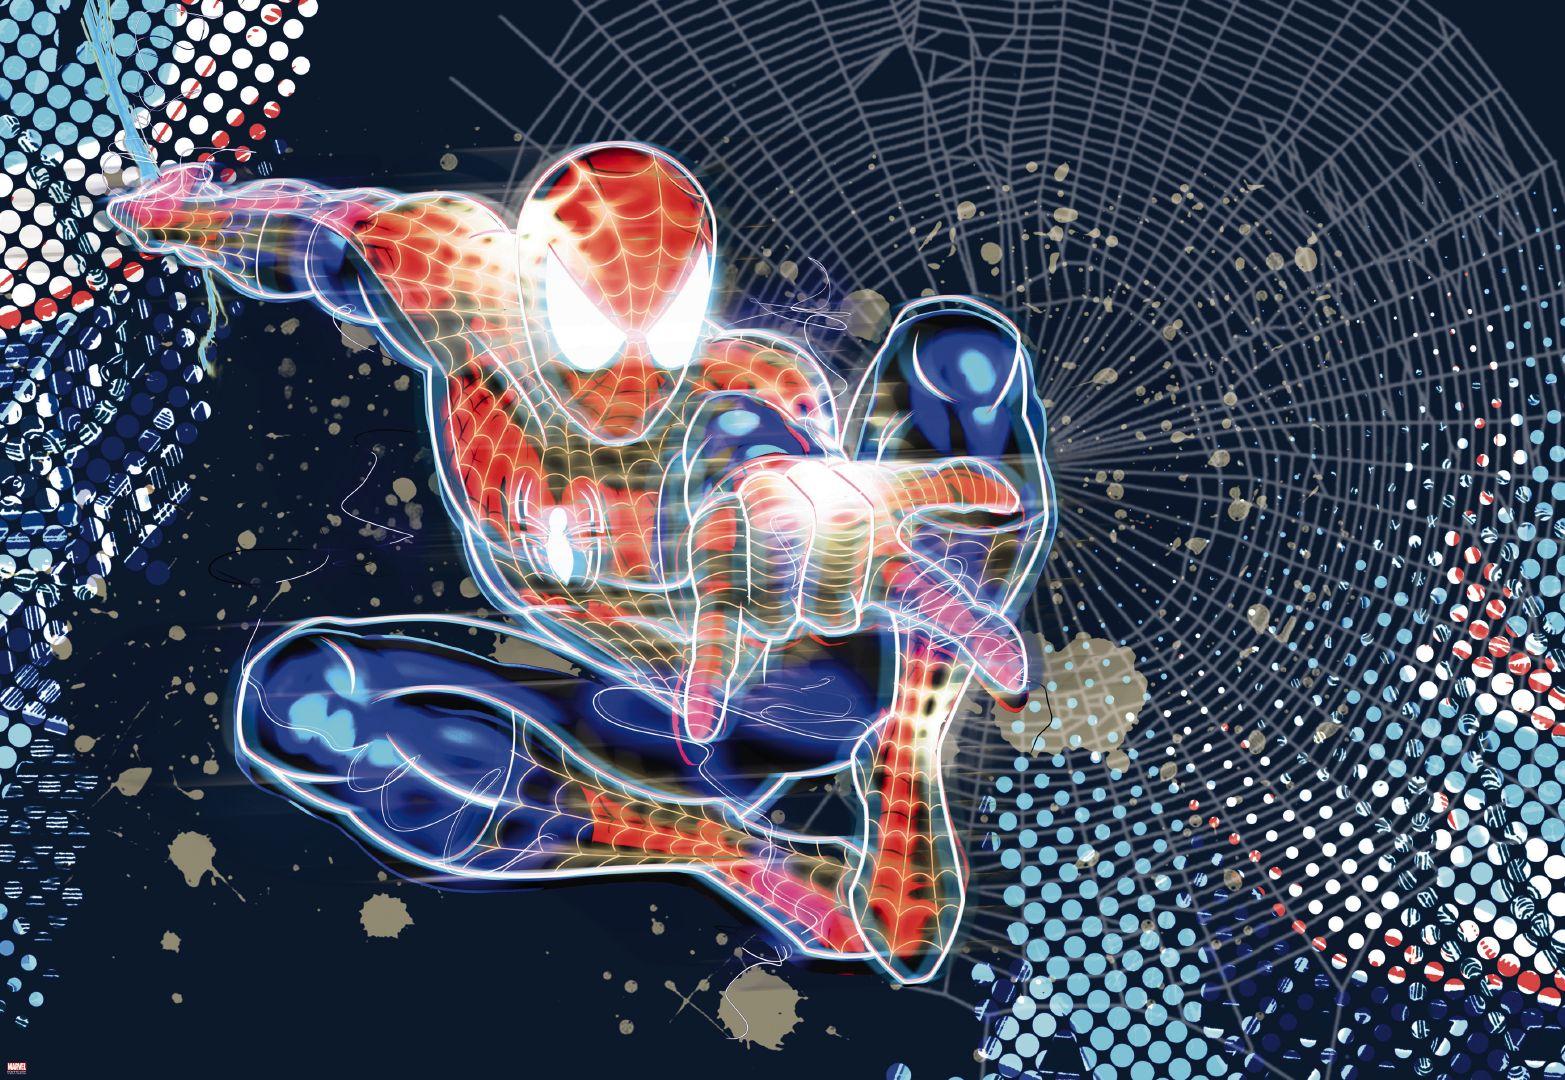 Fototapeta jednodílná - Neon Spiderman